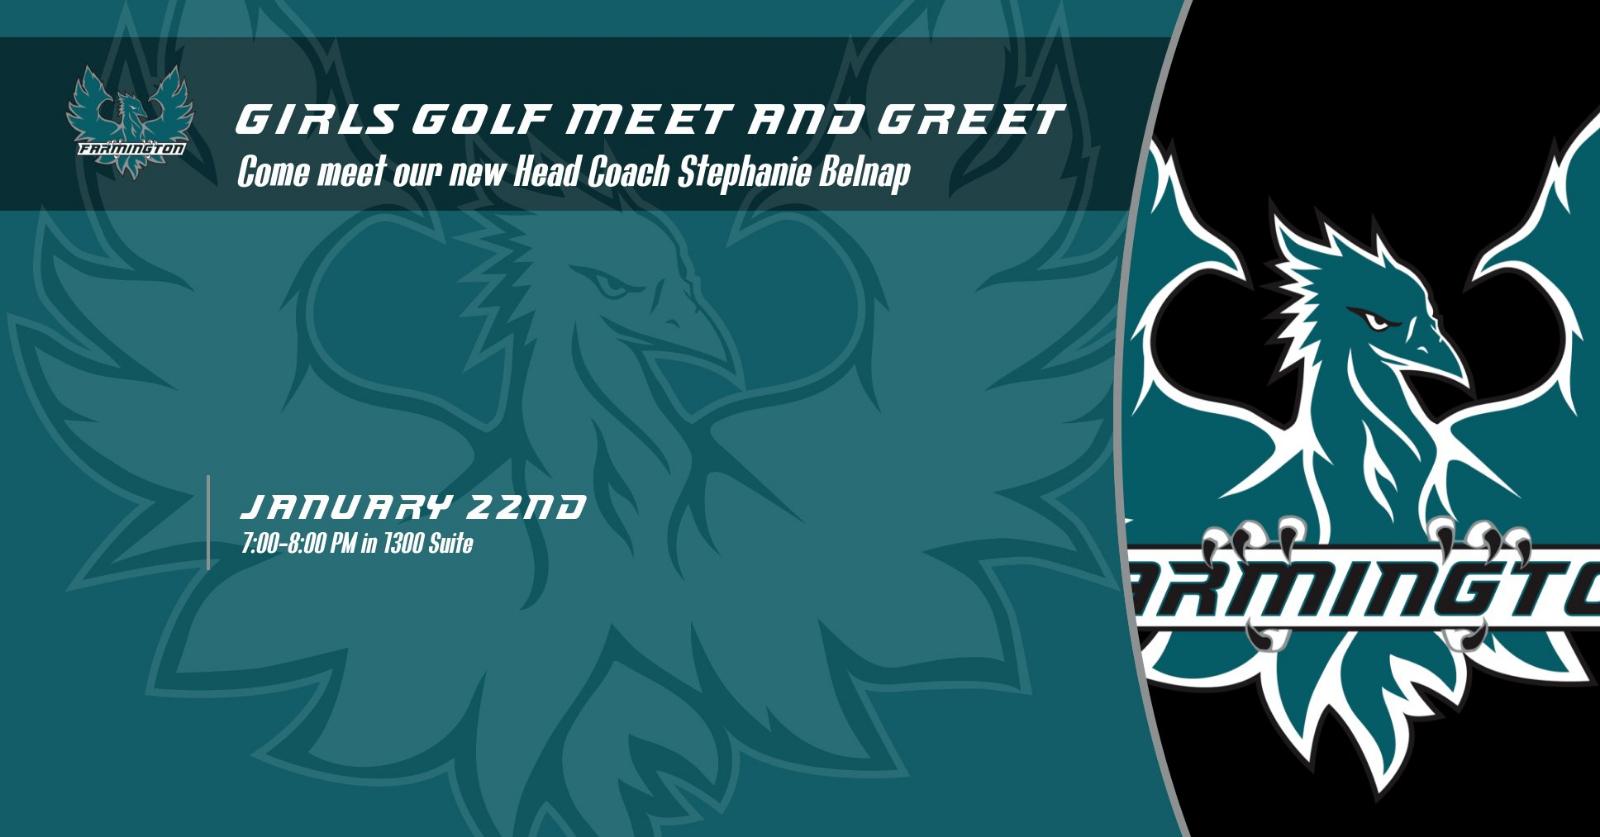 Girls Golf Meet and Greet